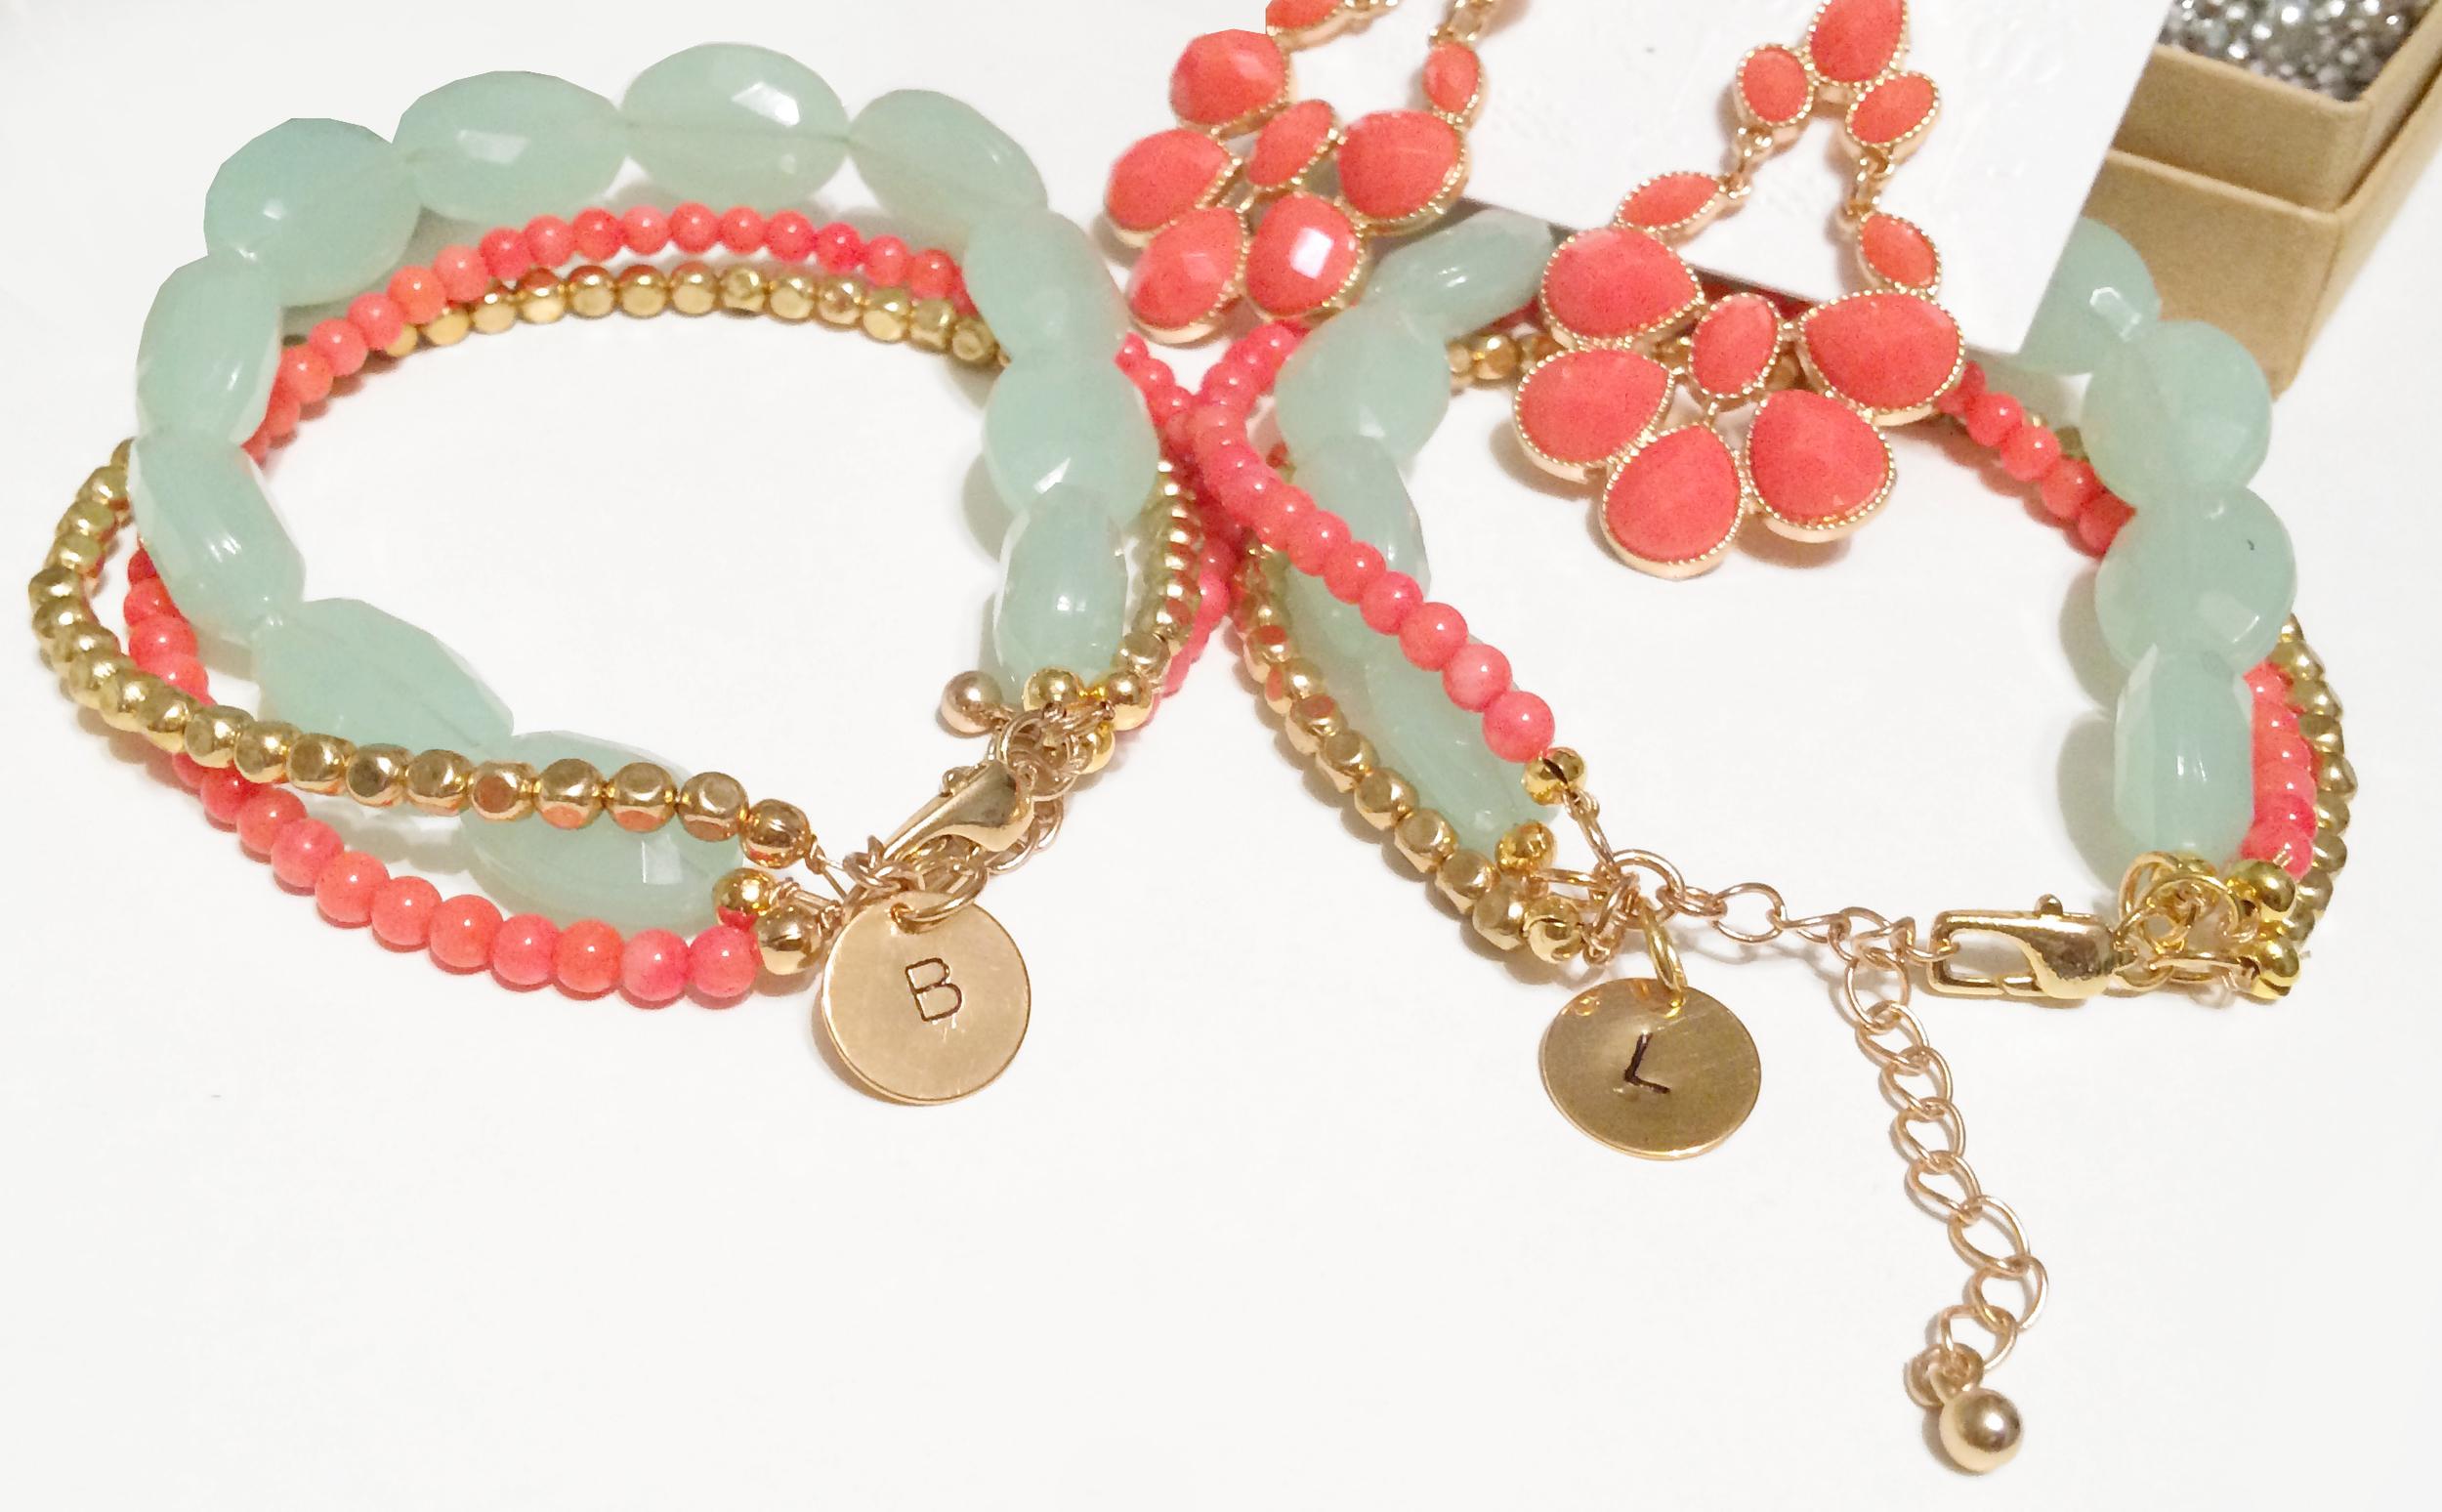 Bridal Party Jewelry Design - Devon Design Co